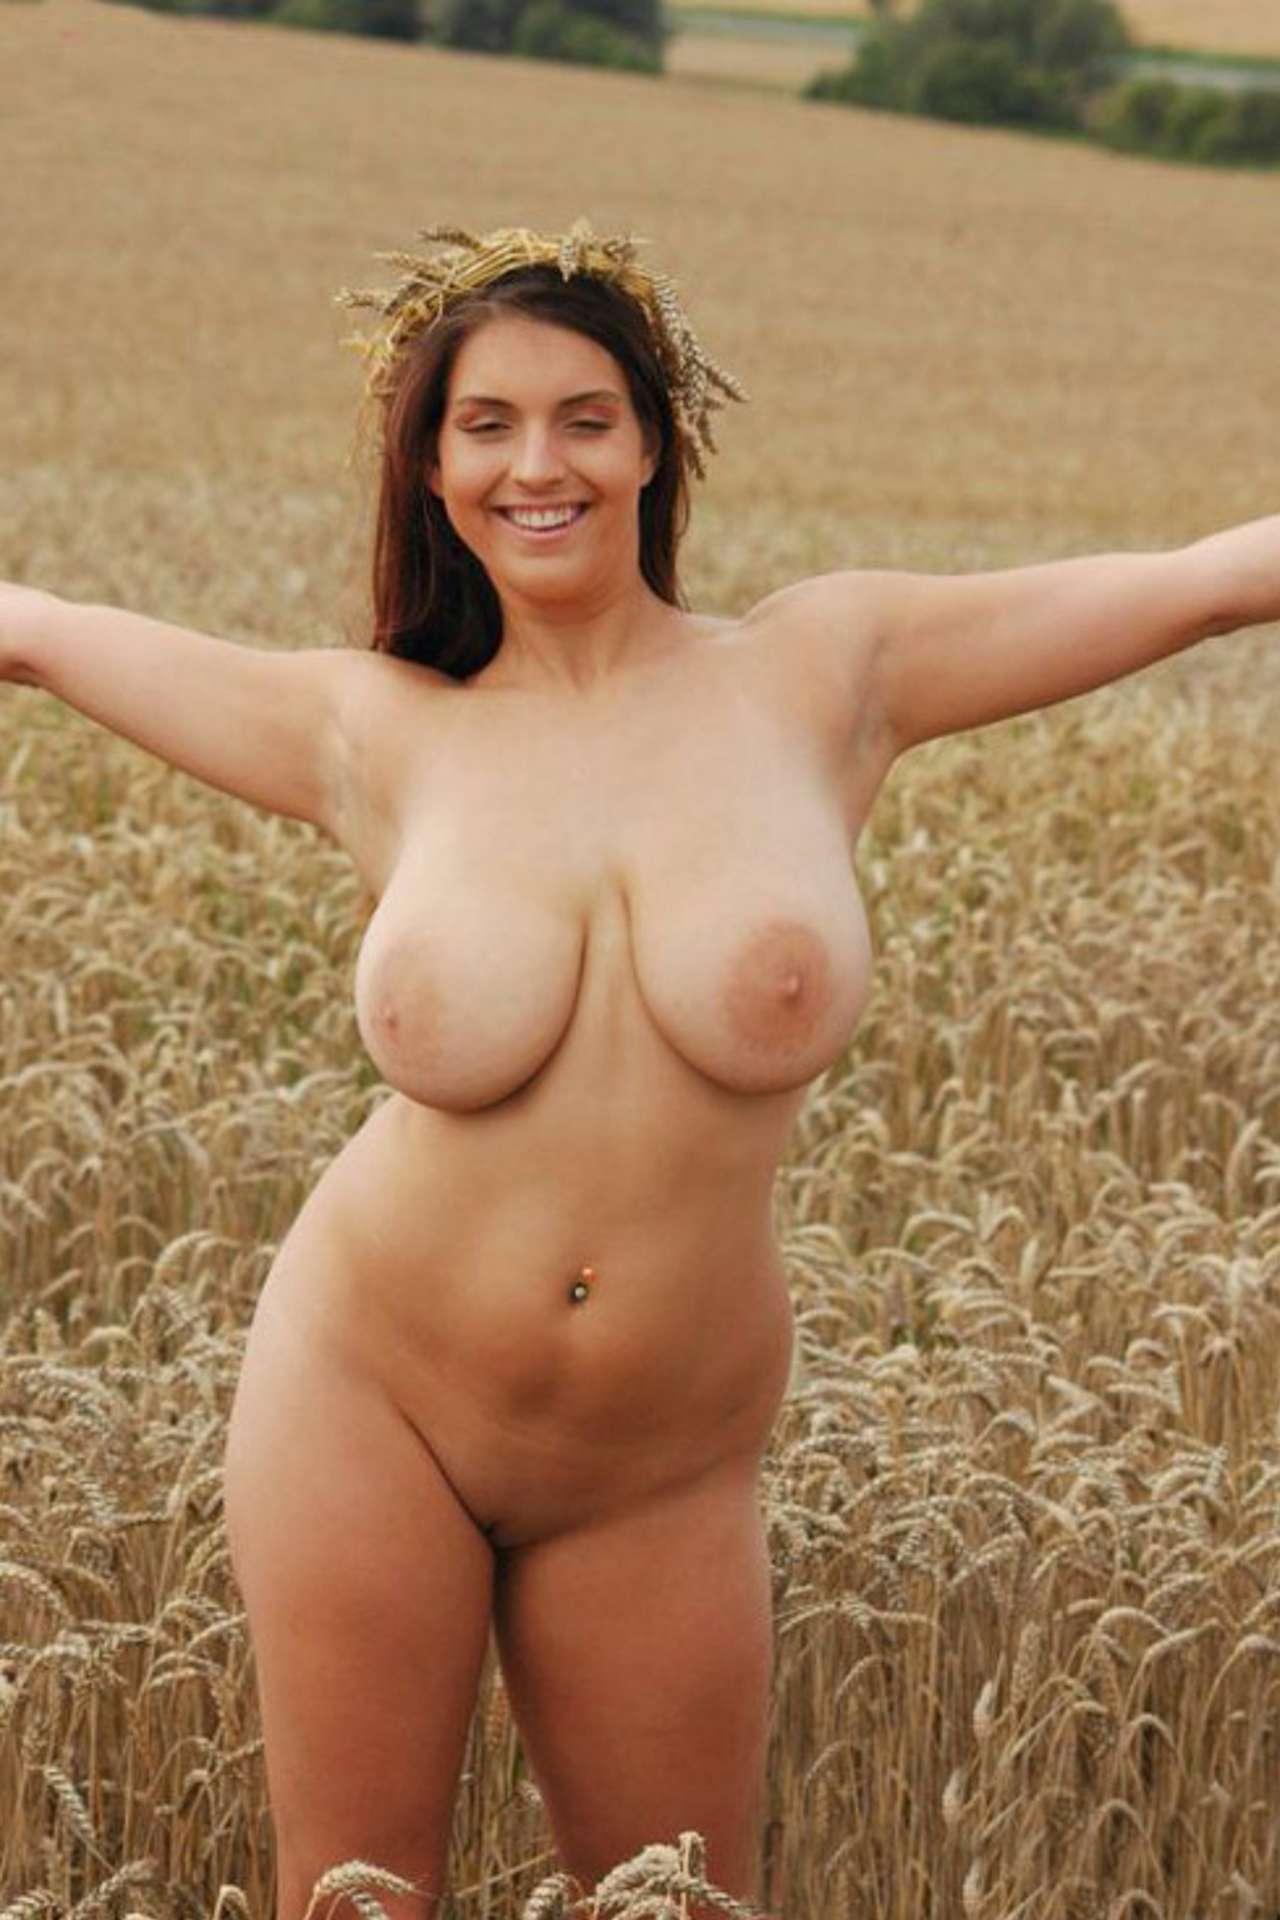 Бесплатно фотогалерея крупных голых дам